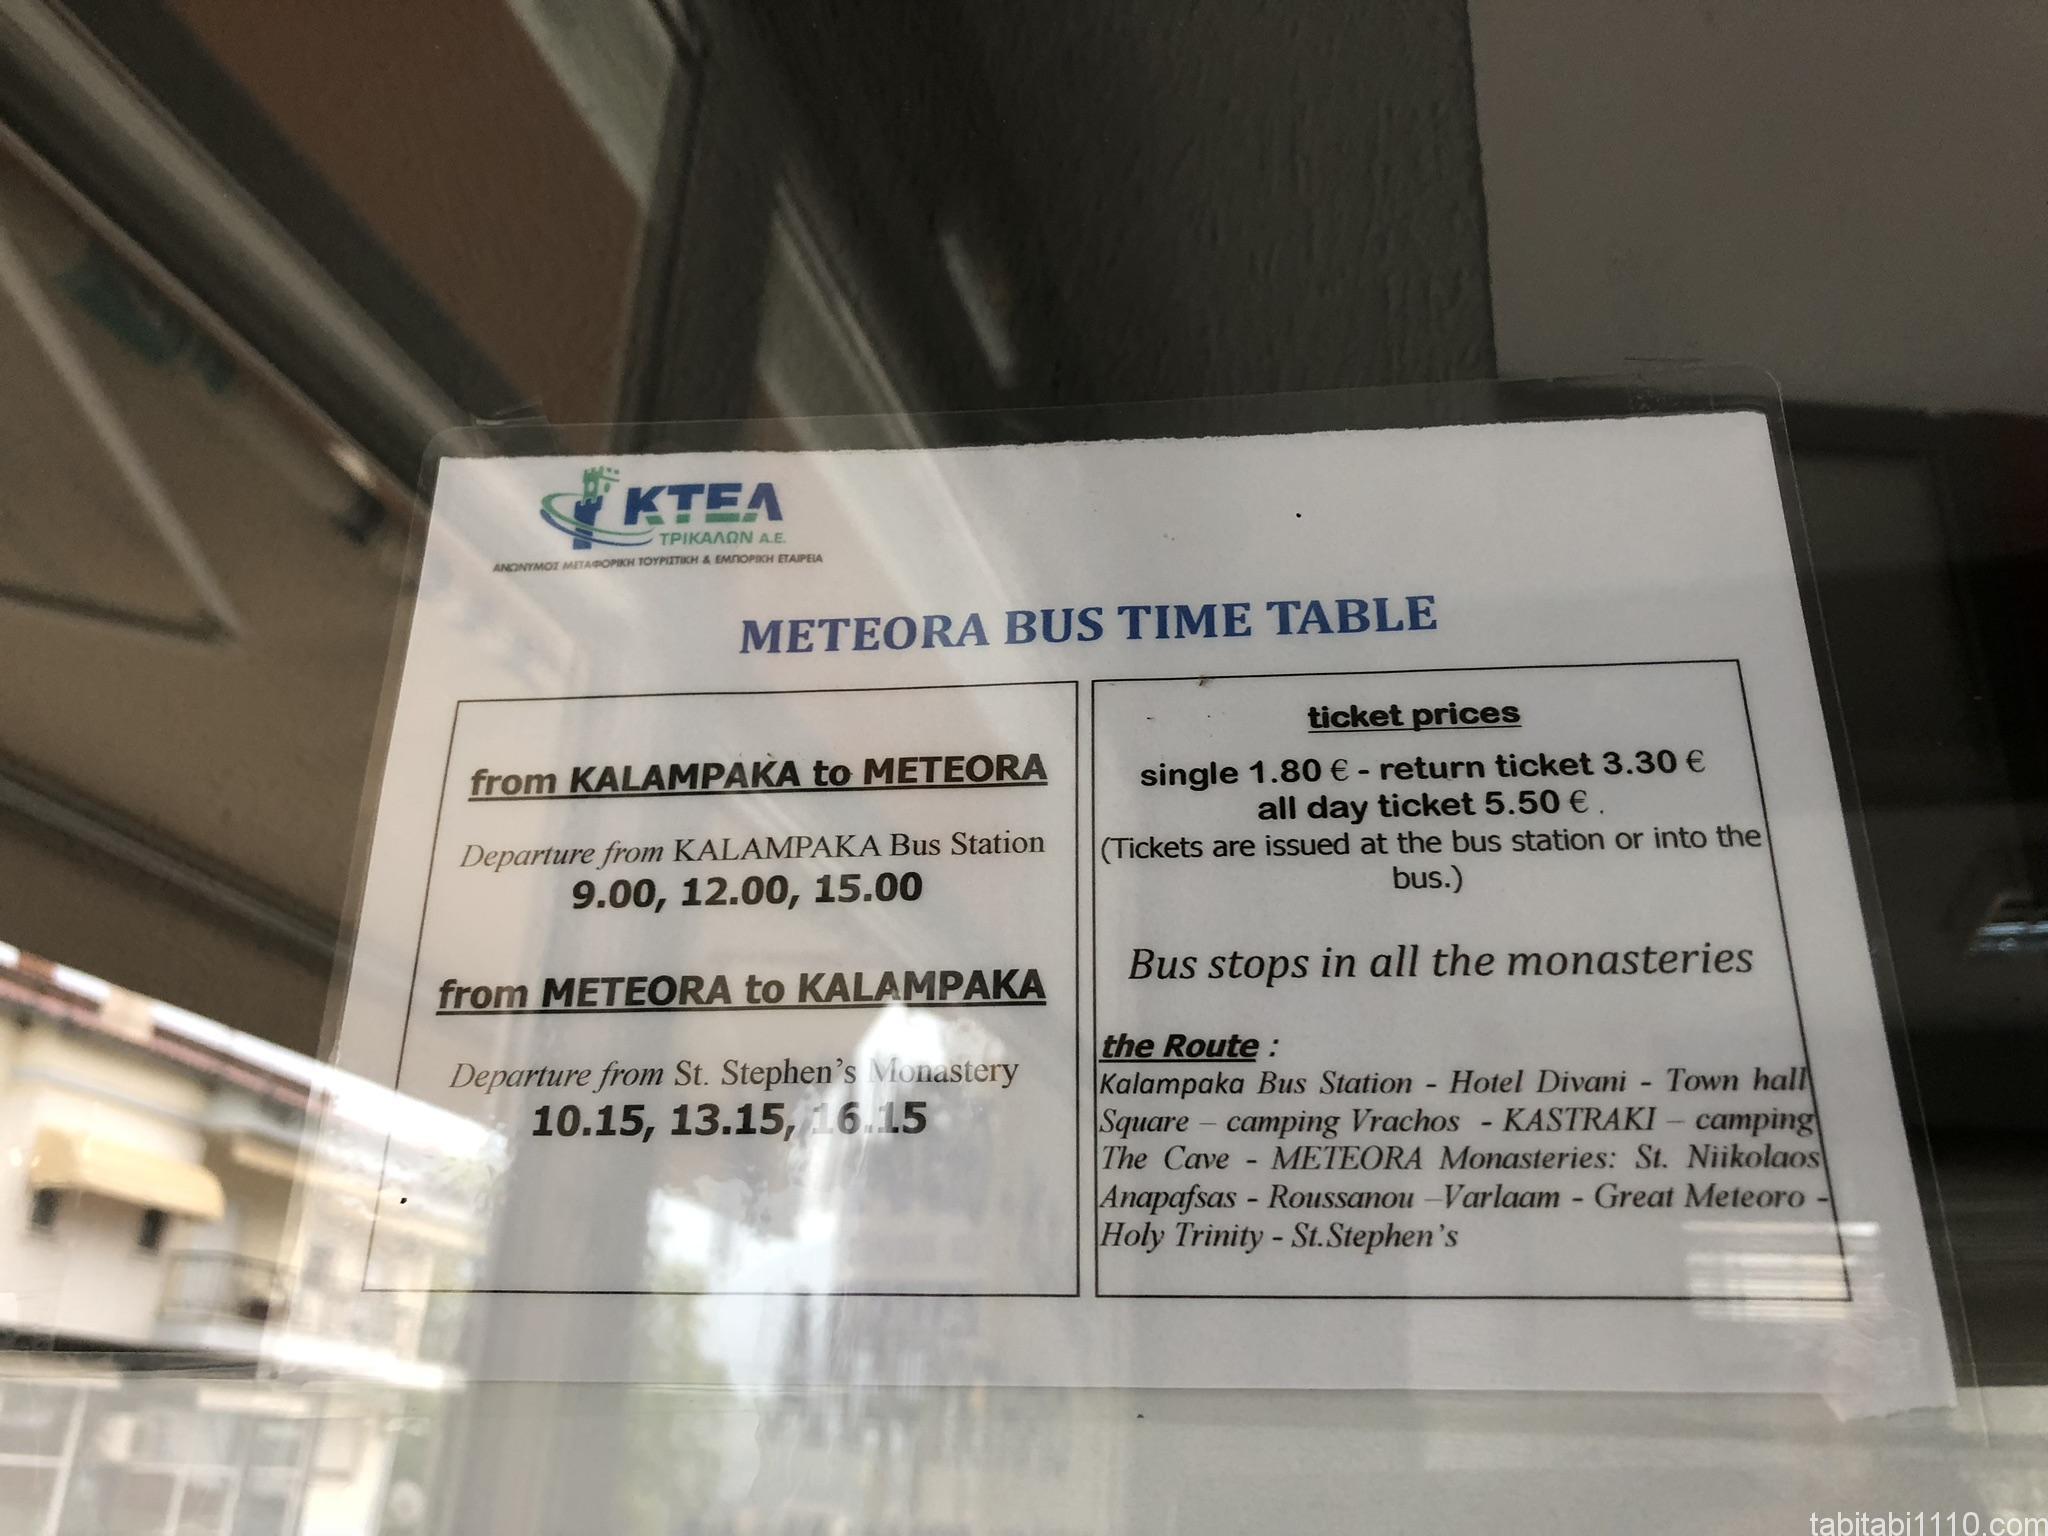 カランバカ⇔メテオラ時刻表